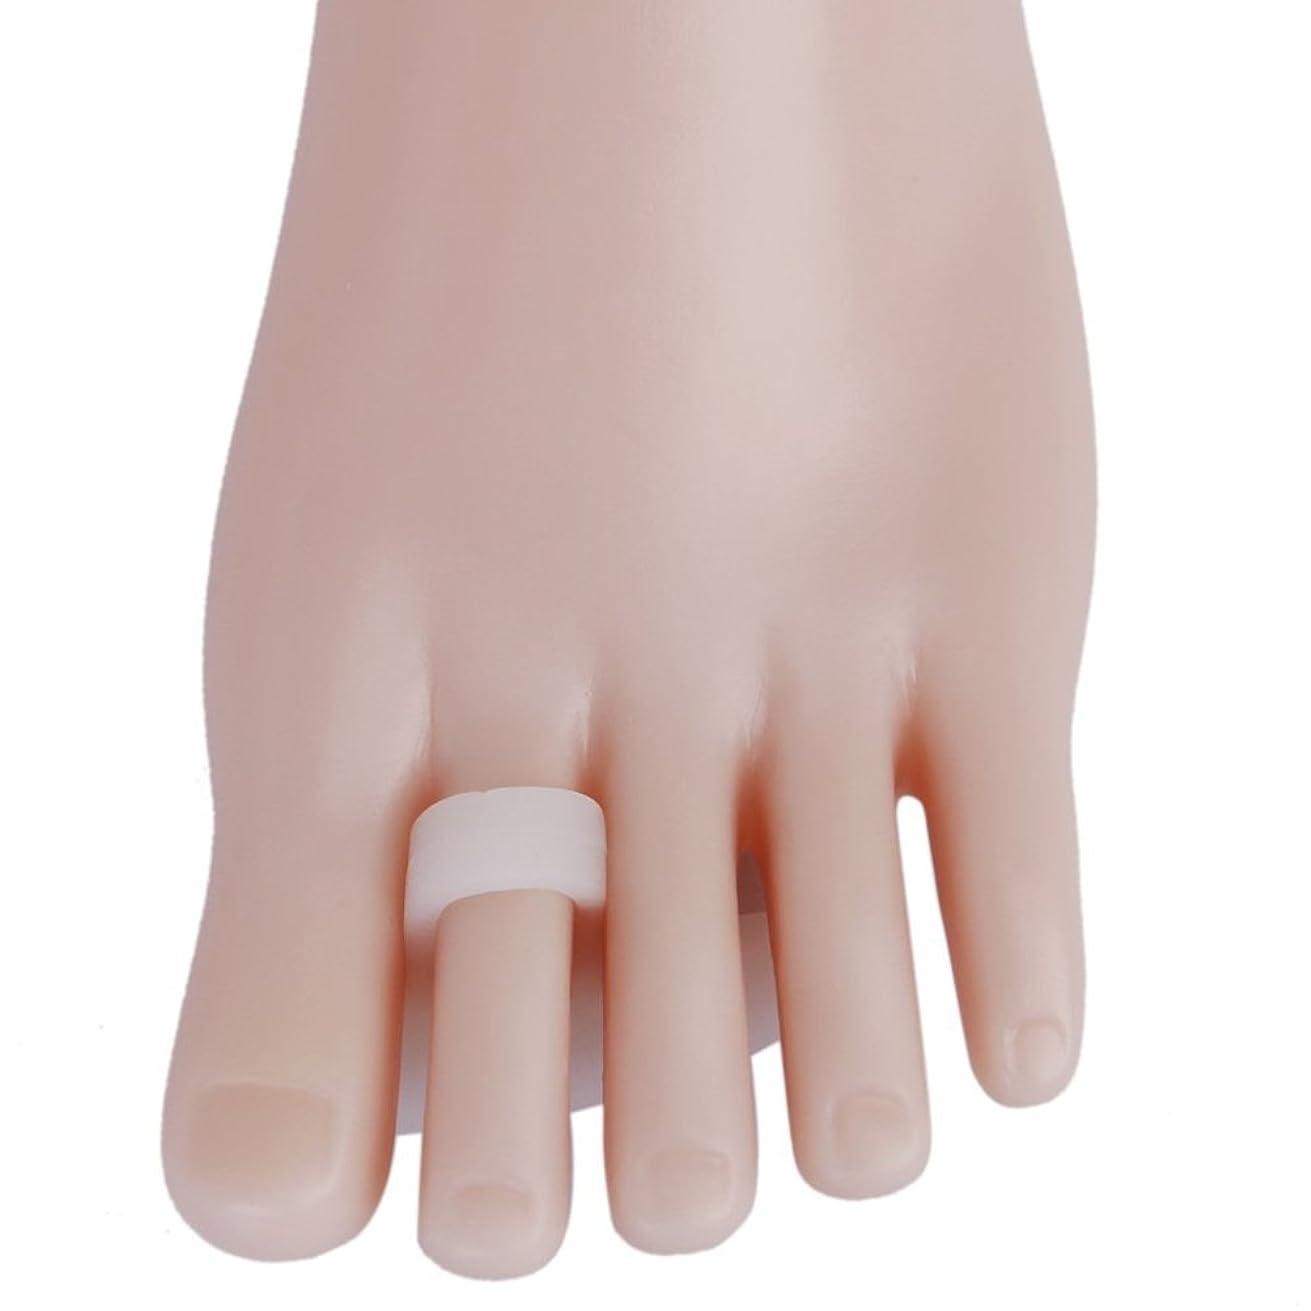 ROSENICE ソフトゲルシリコーン製 ブレース 足指セパレーター 痛み軽減 つま先矯正 1ペア